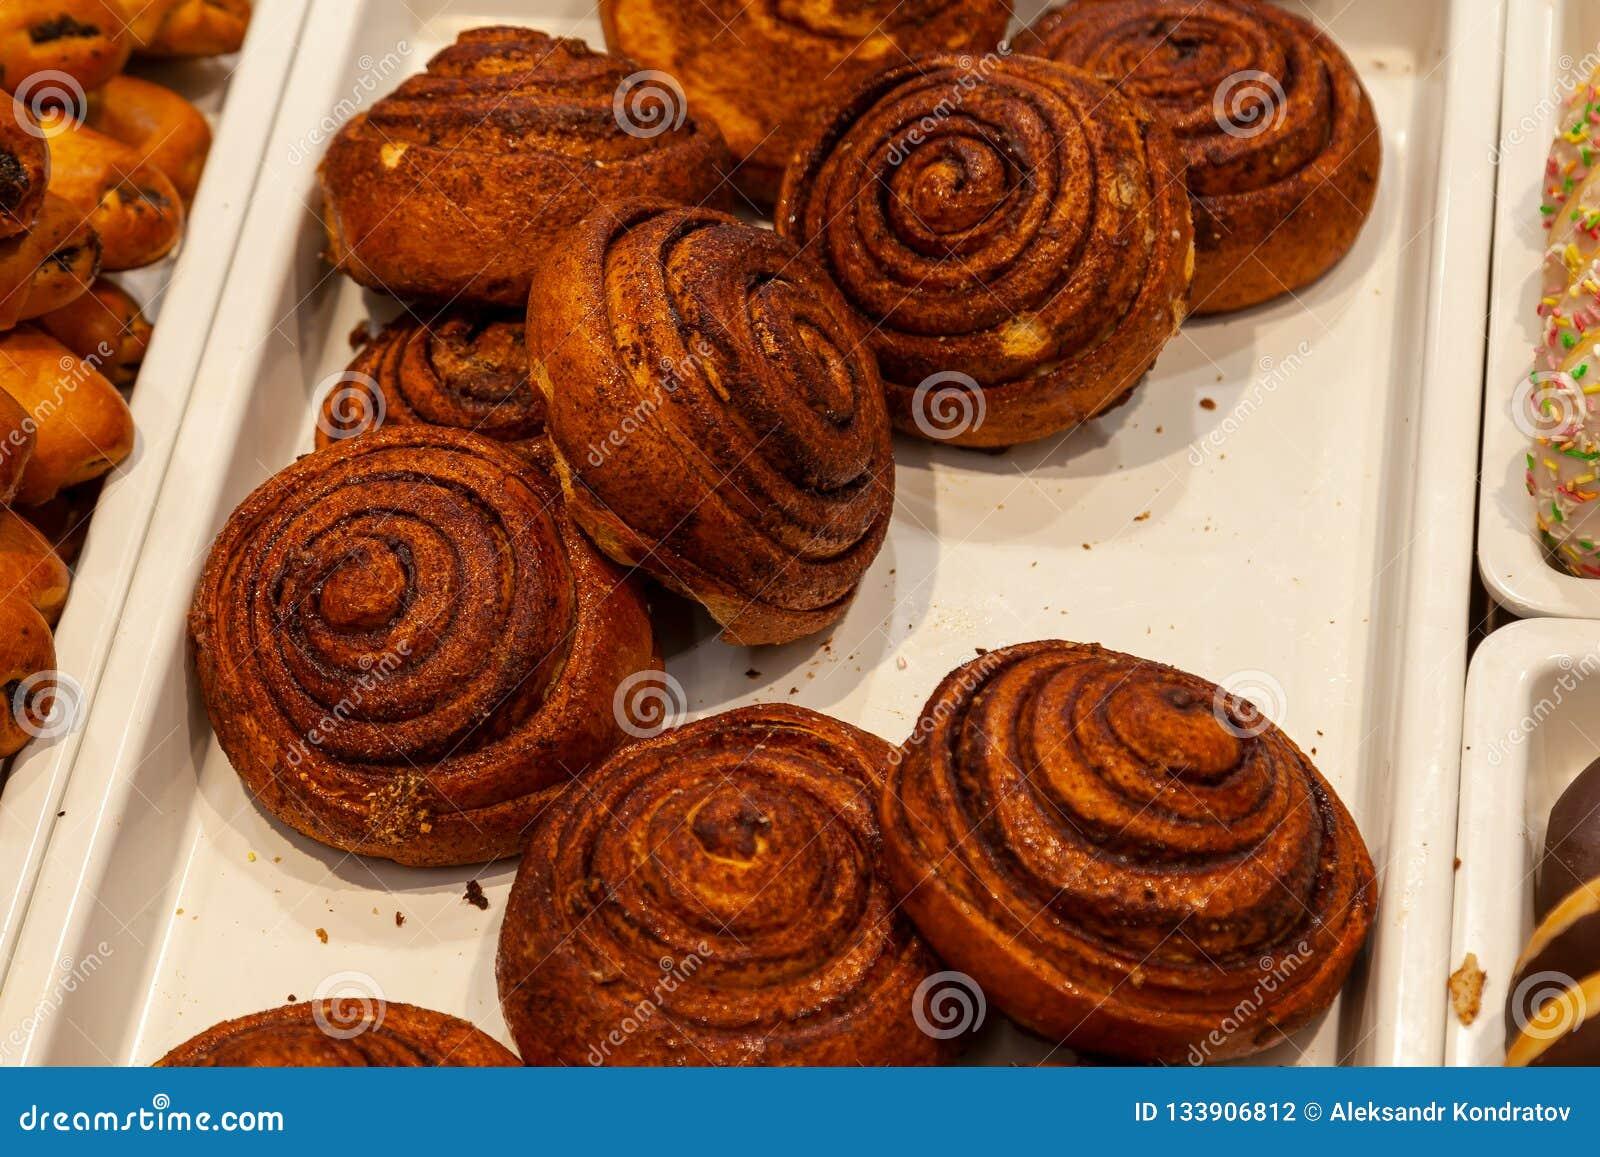 Grandi panini marroni appetitosi con cannella sotto forma di spirali c